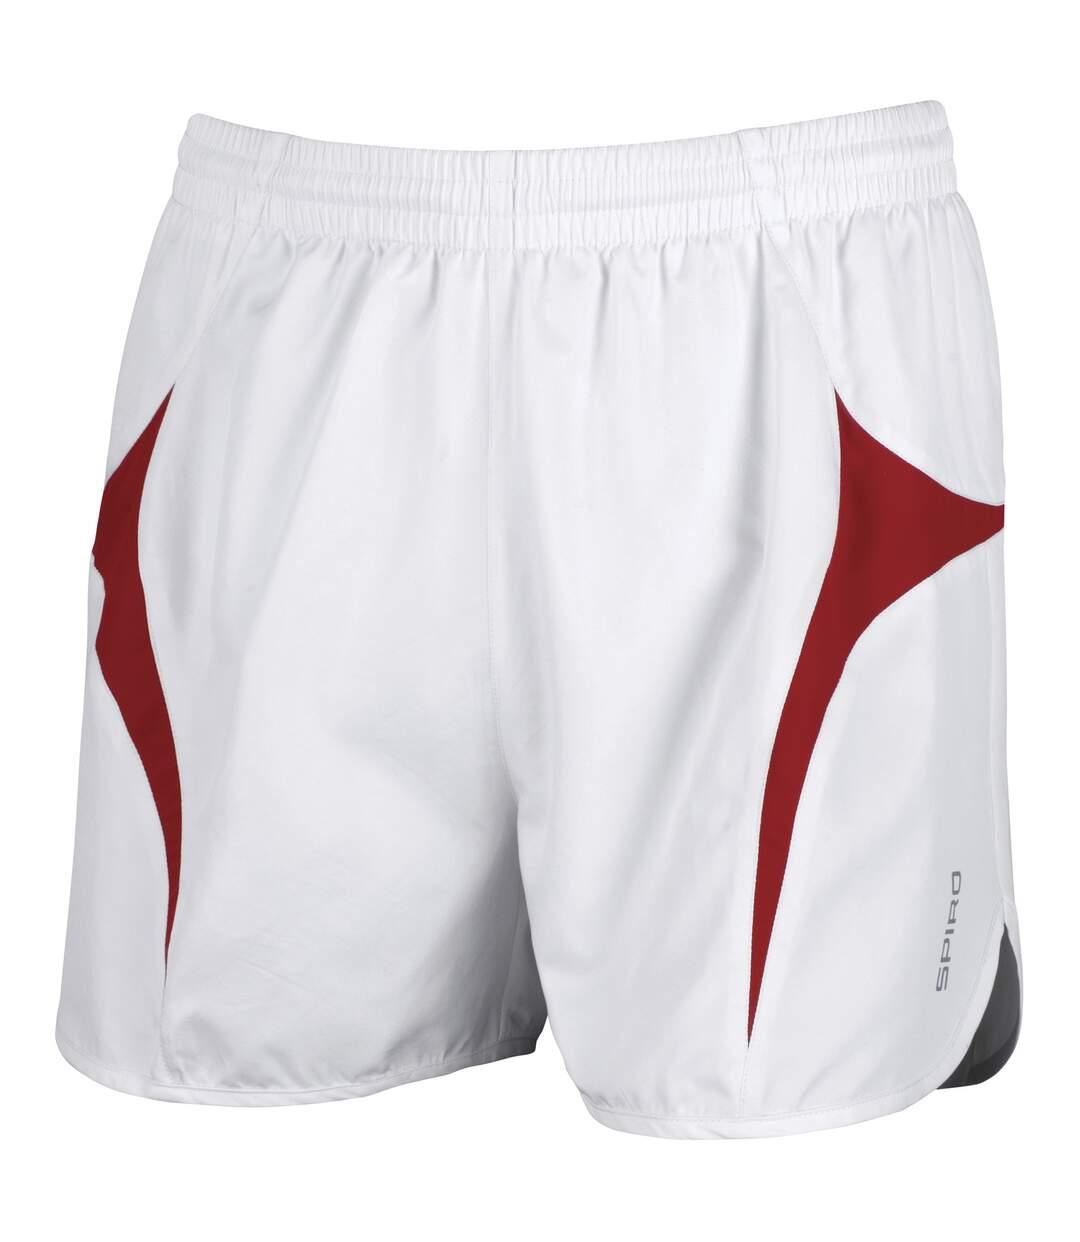 Spiro Mens Sports Micro-Lite Running Shorts (White/Red) - UTRW1477